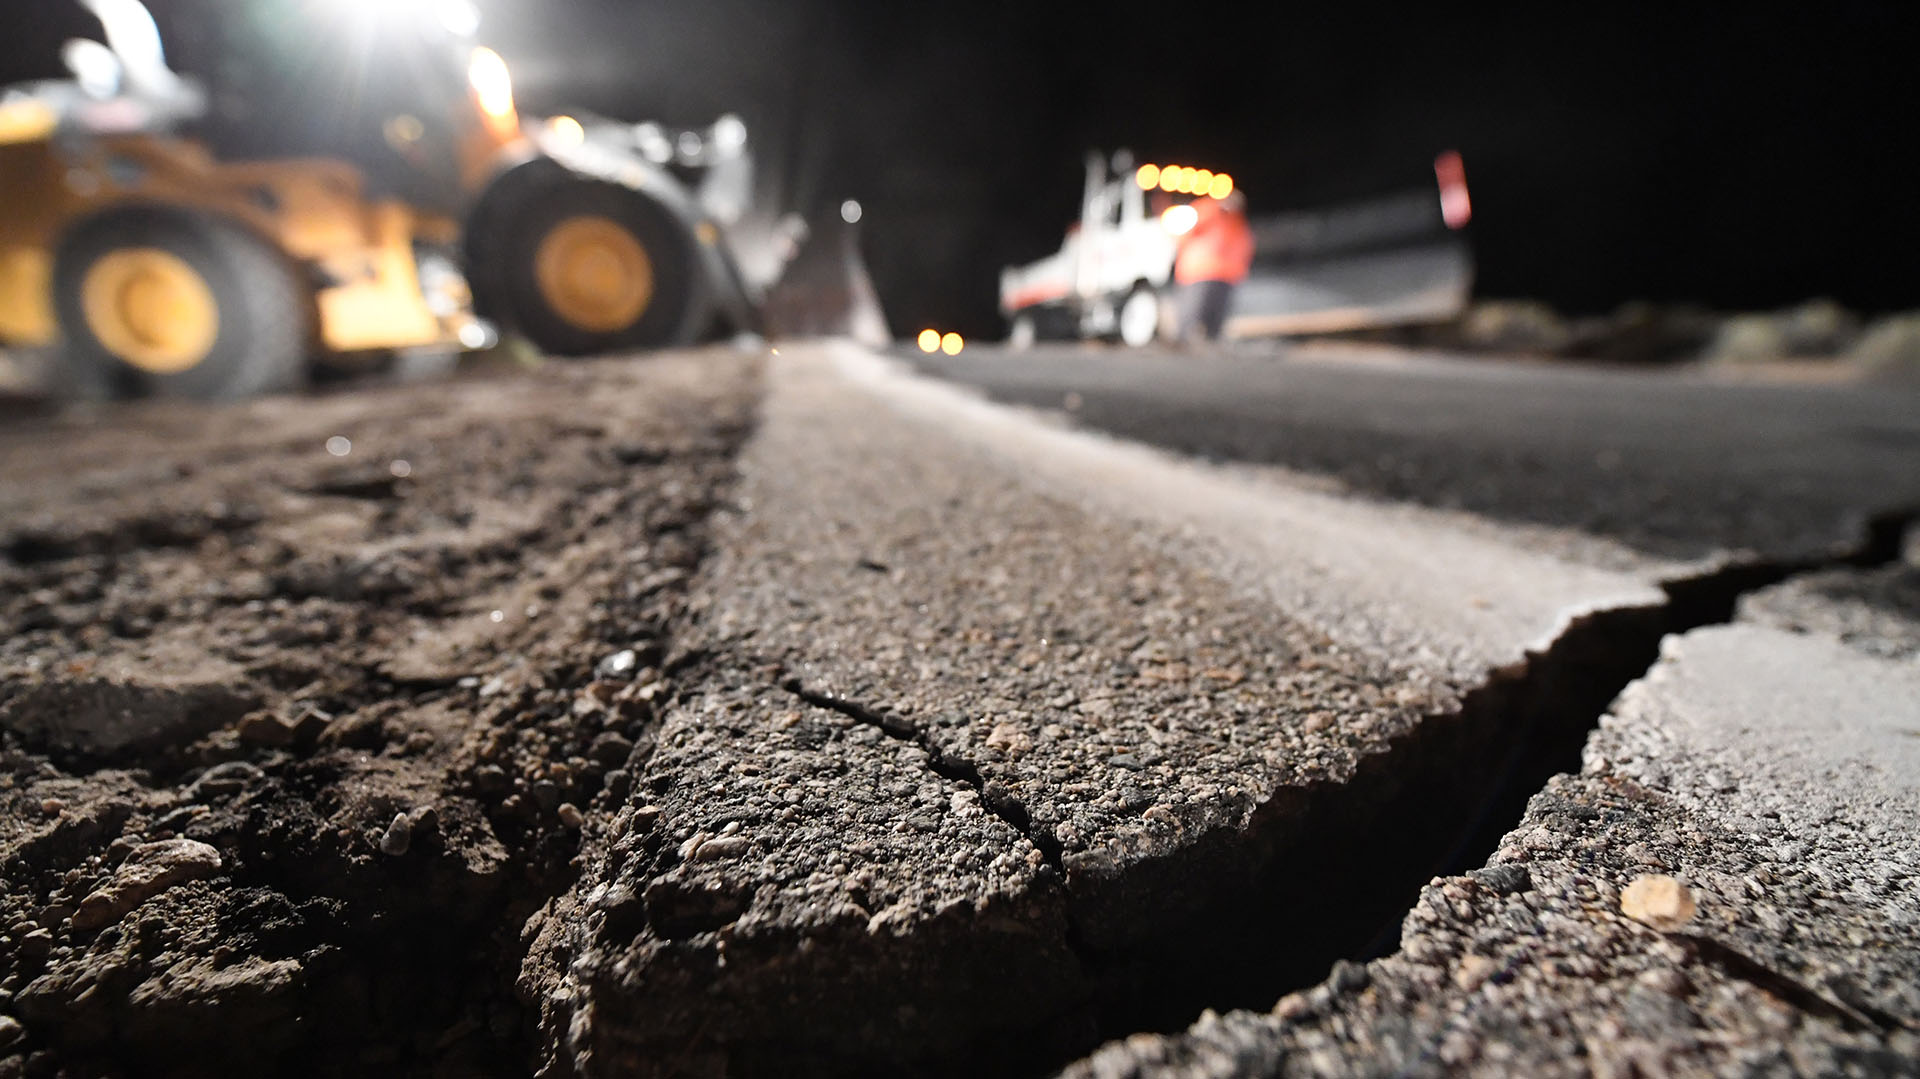 Tanto el sismo de 1999 como los actuales se han registrado en zonas rurales de California con poca población (Photo by Robyn Beck / AFP)